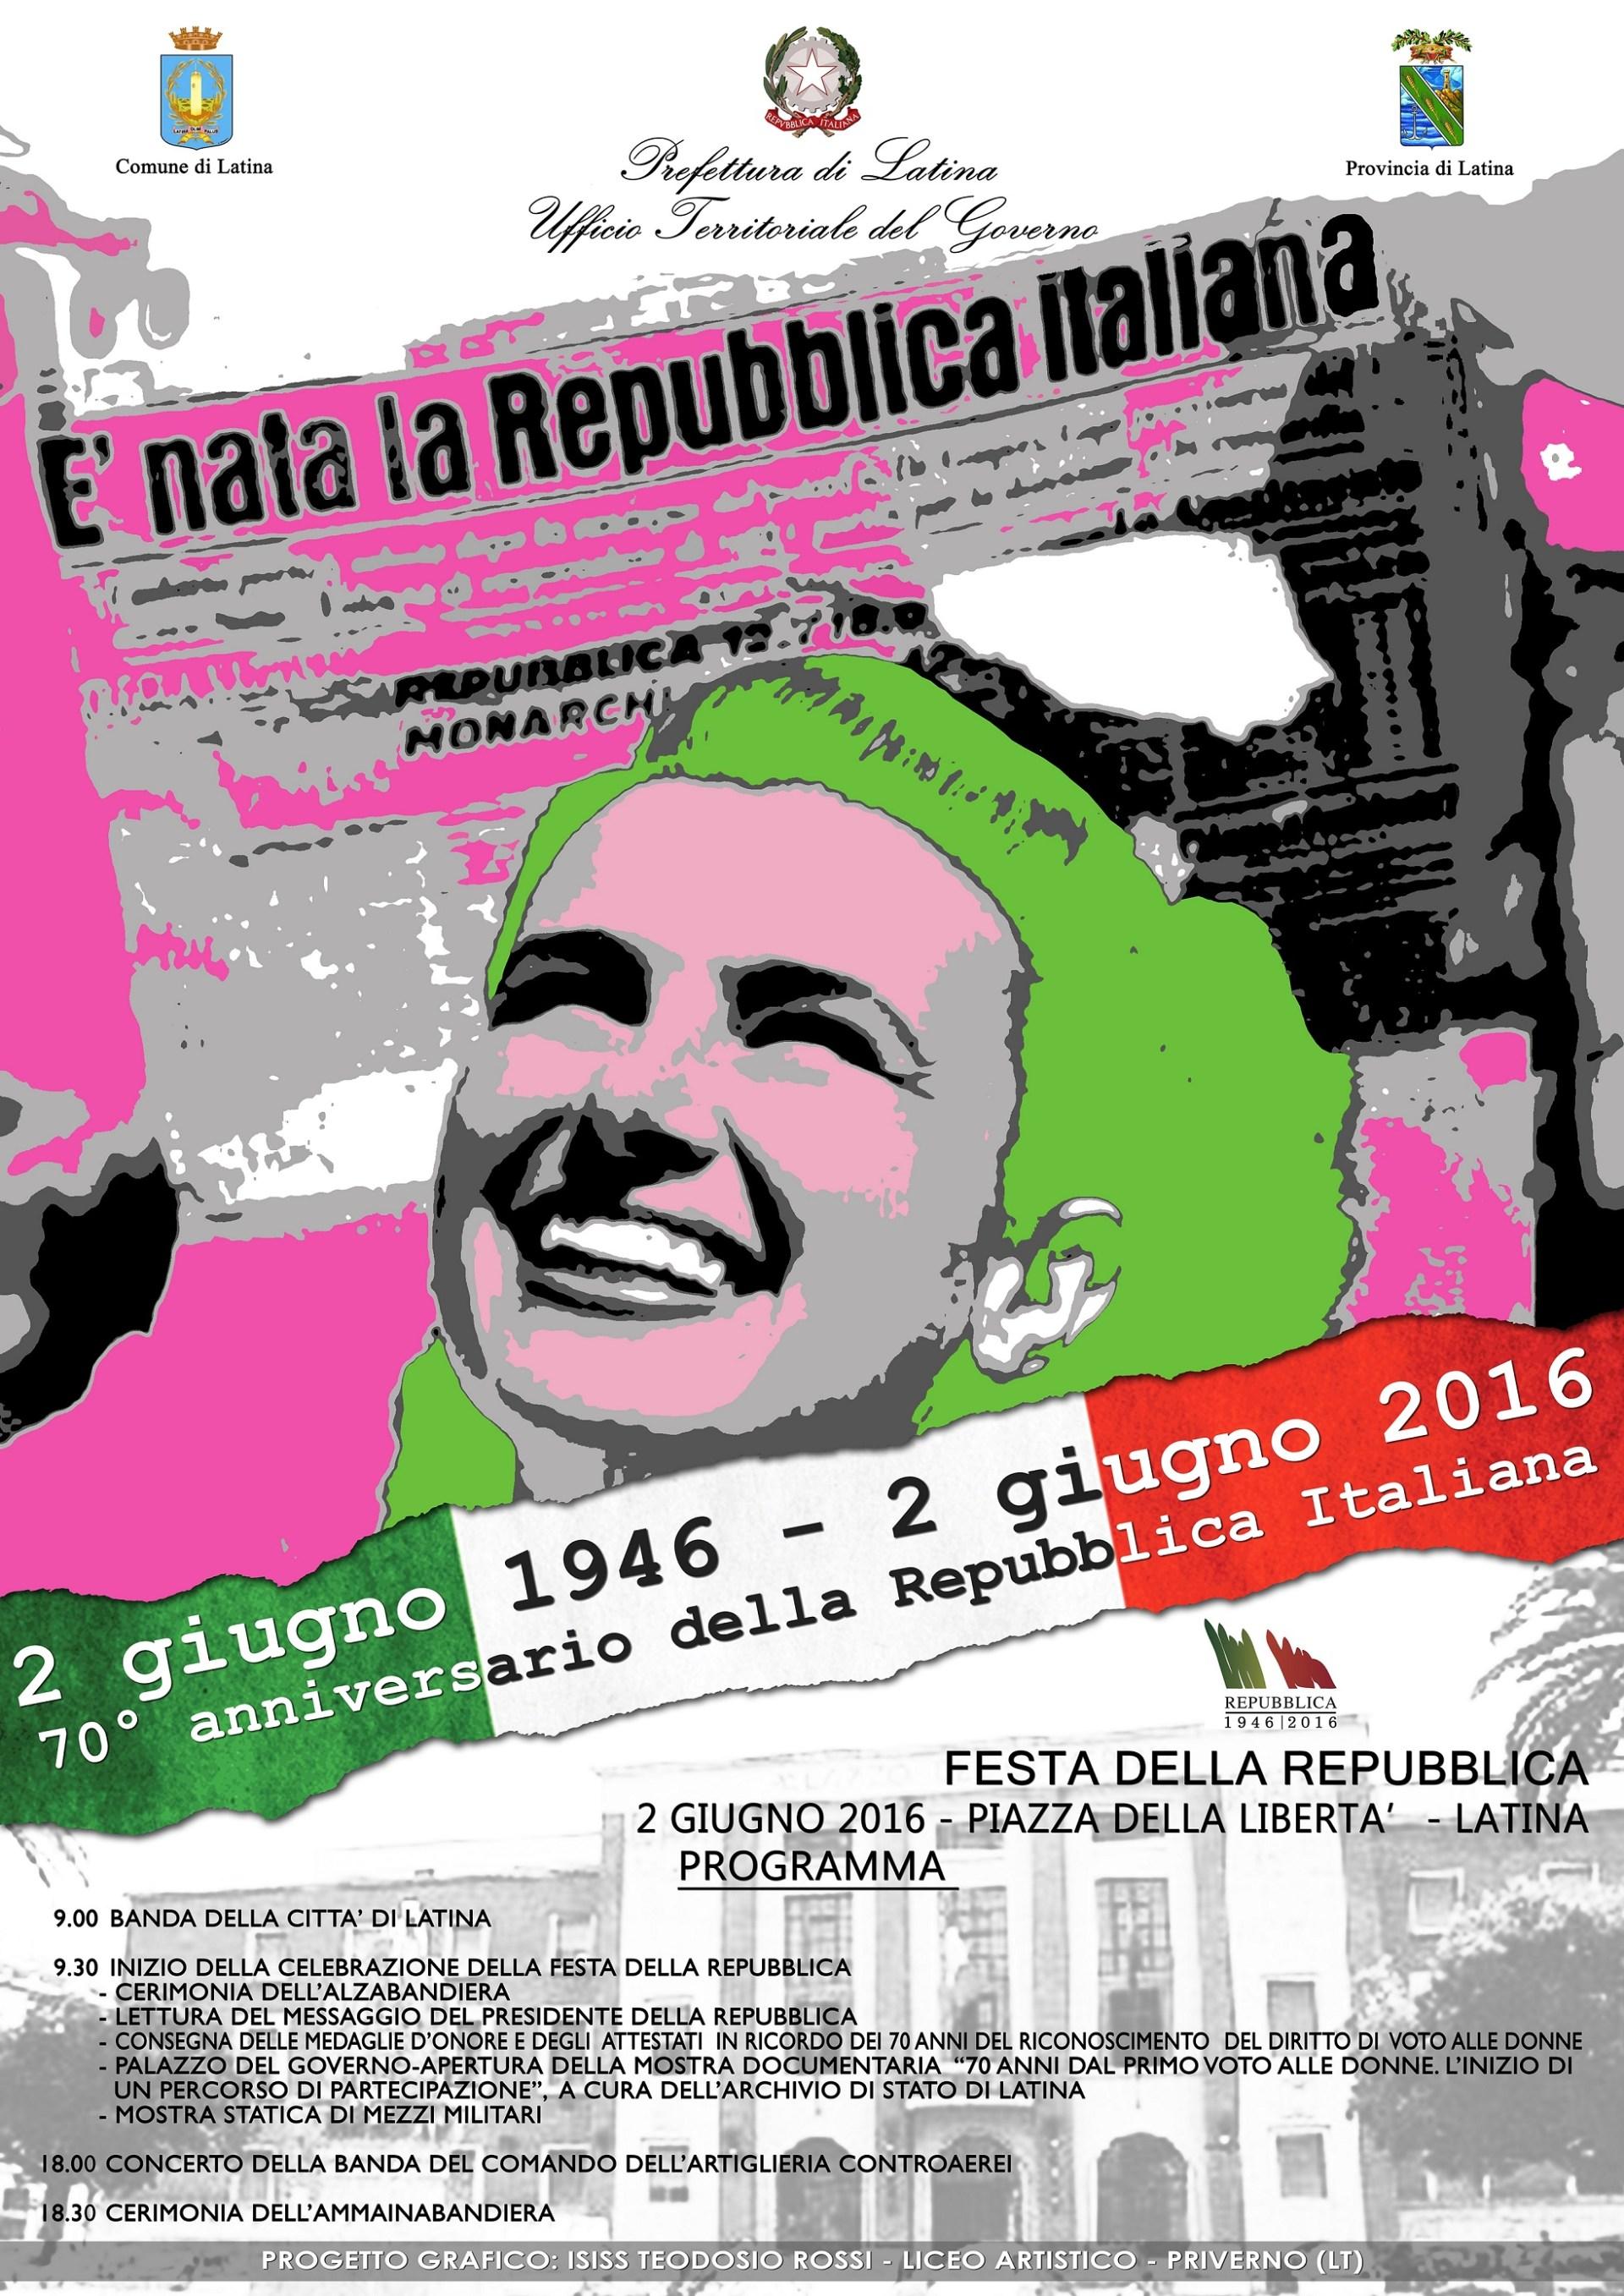 locandina-2-giugno-2016-latina